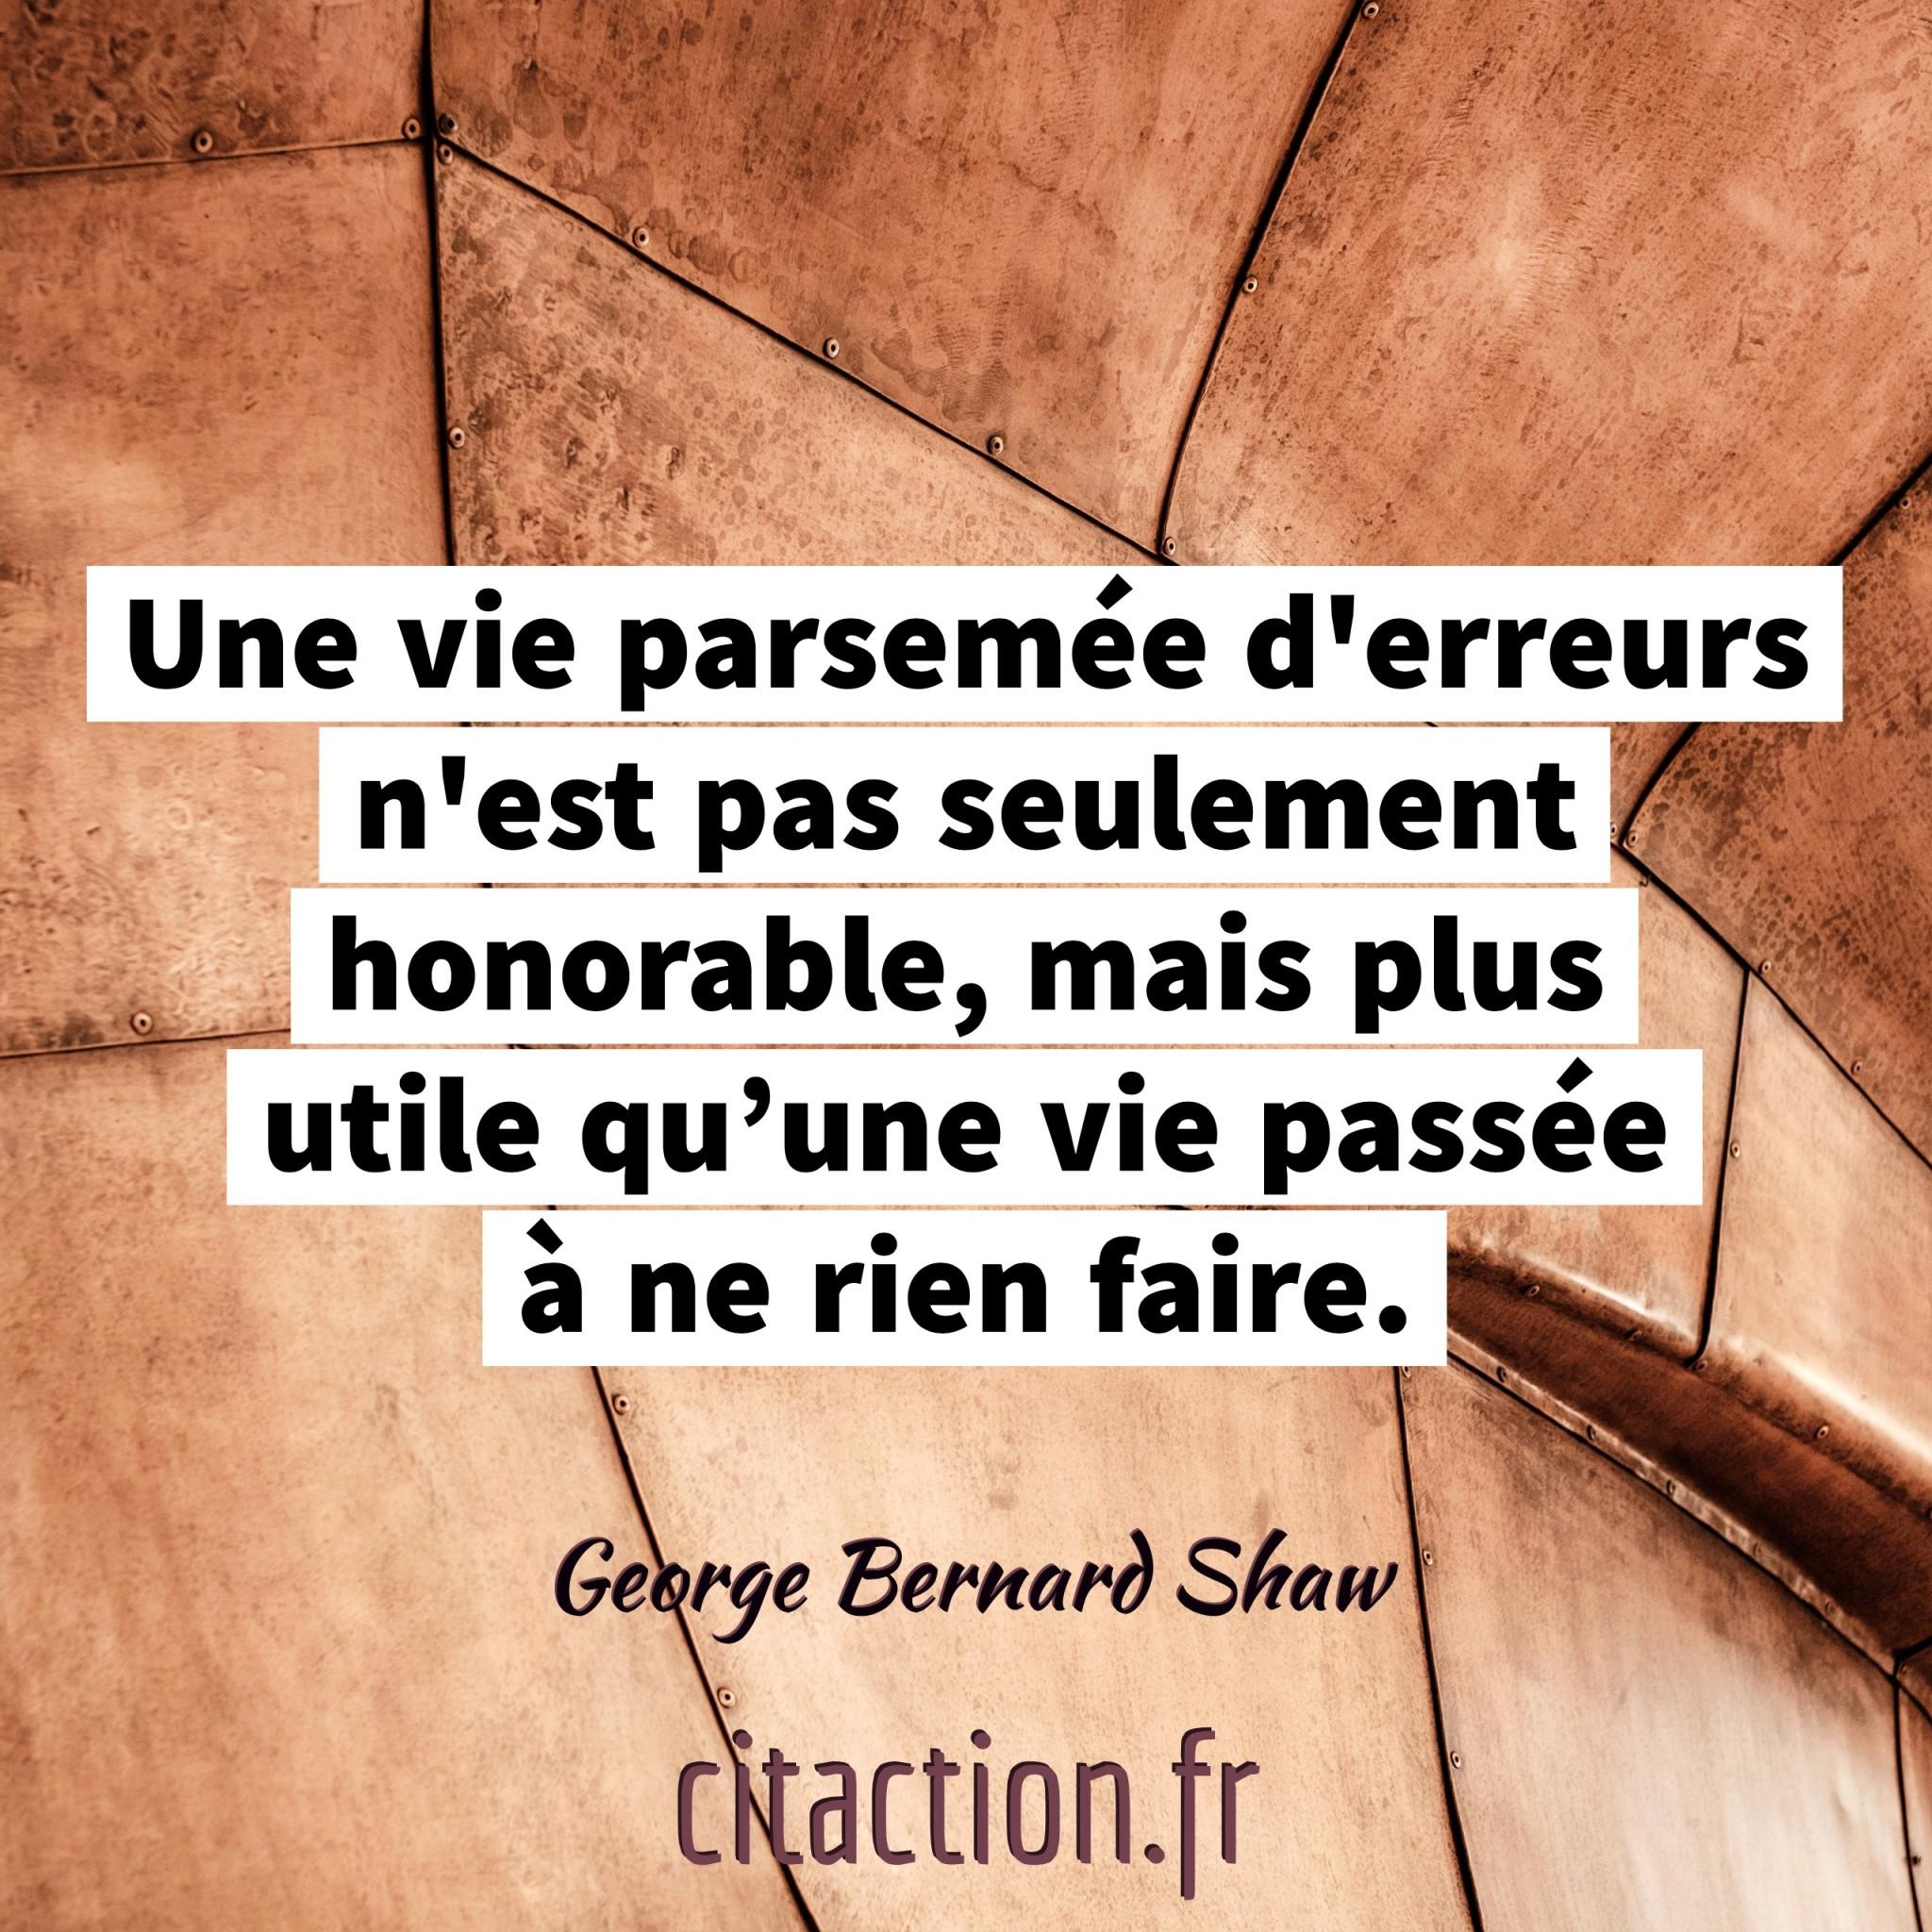 Une vie parsemée d'erreurs n'est pas seulement honorable, mais plus utile qu'une vie passée à ne rien faire.